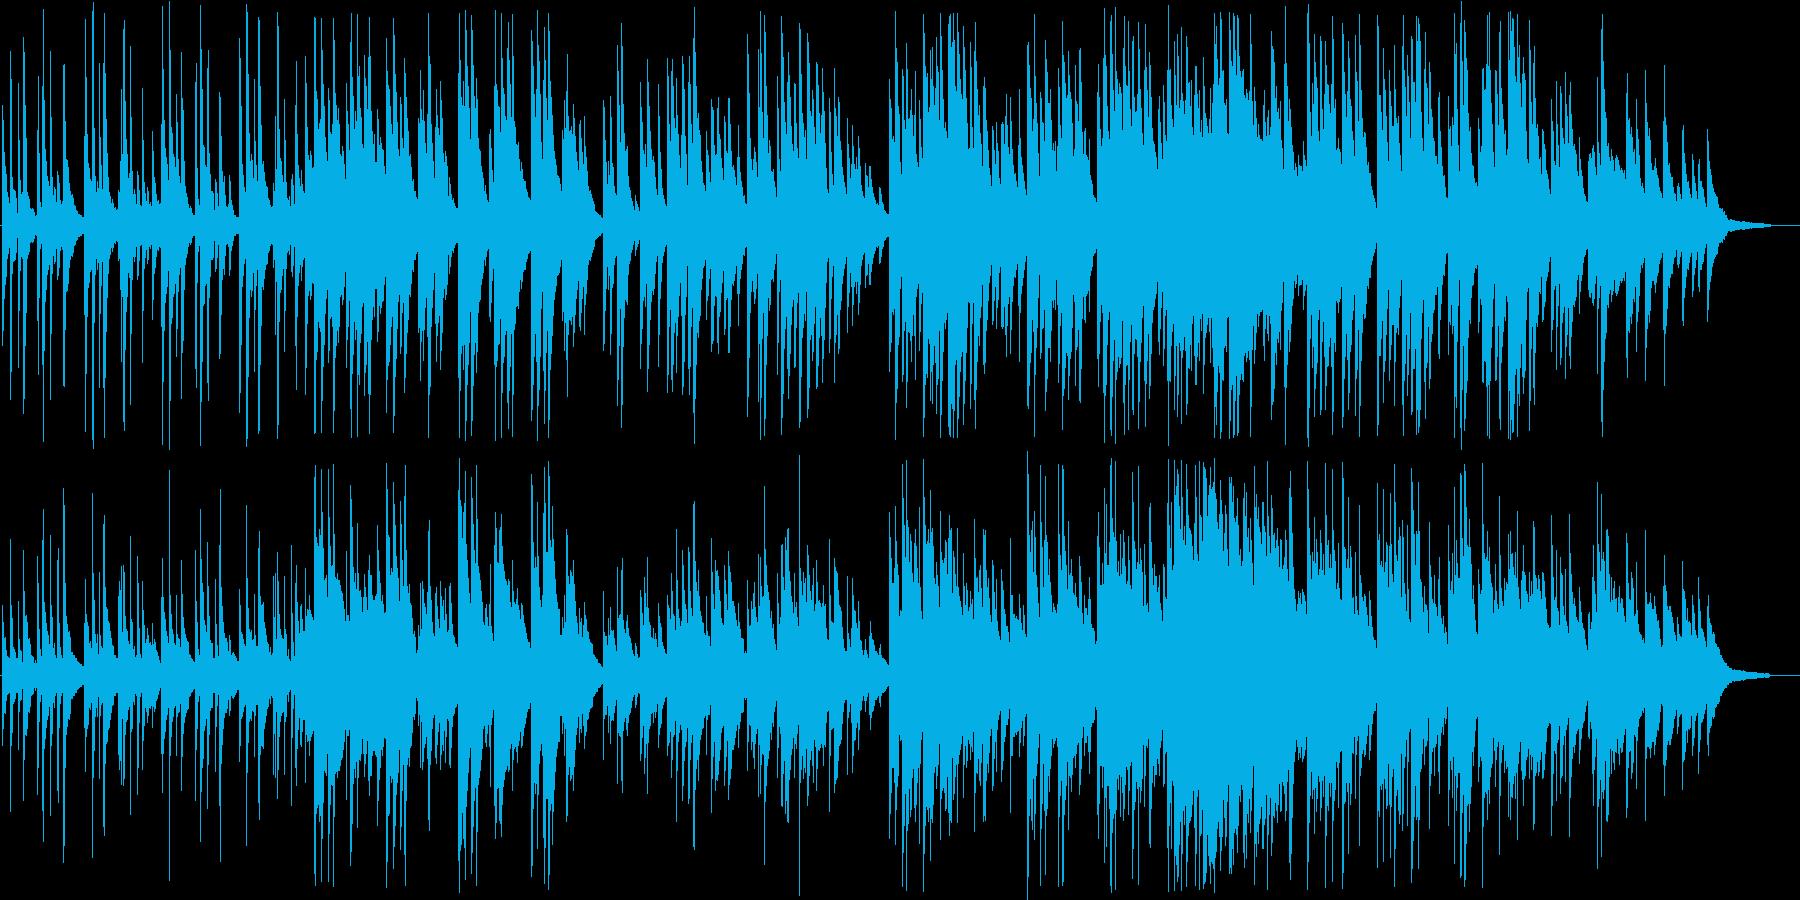 透明感ある綺麗なピアノメロディーの再生済みの波形